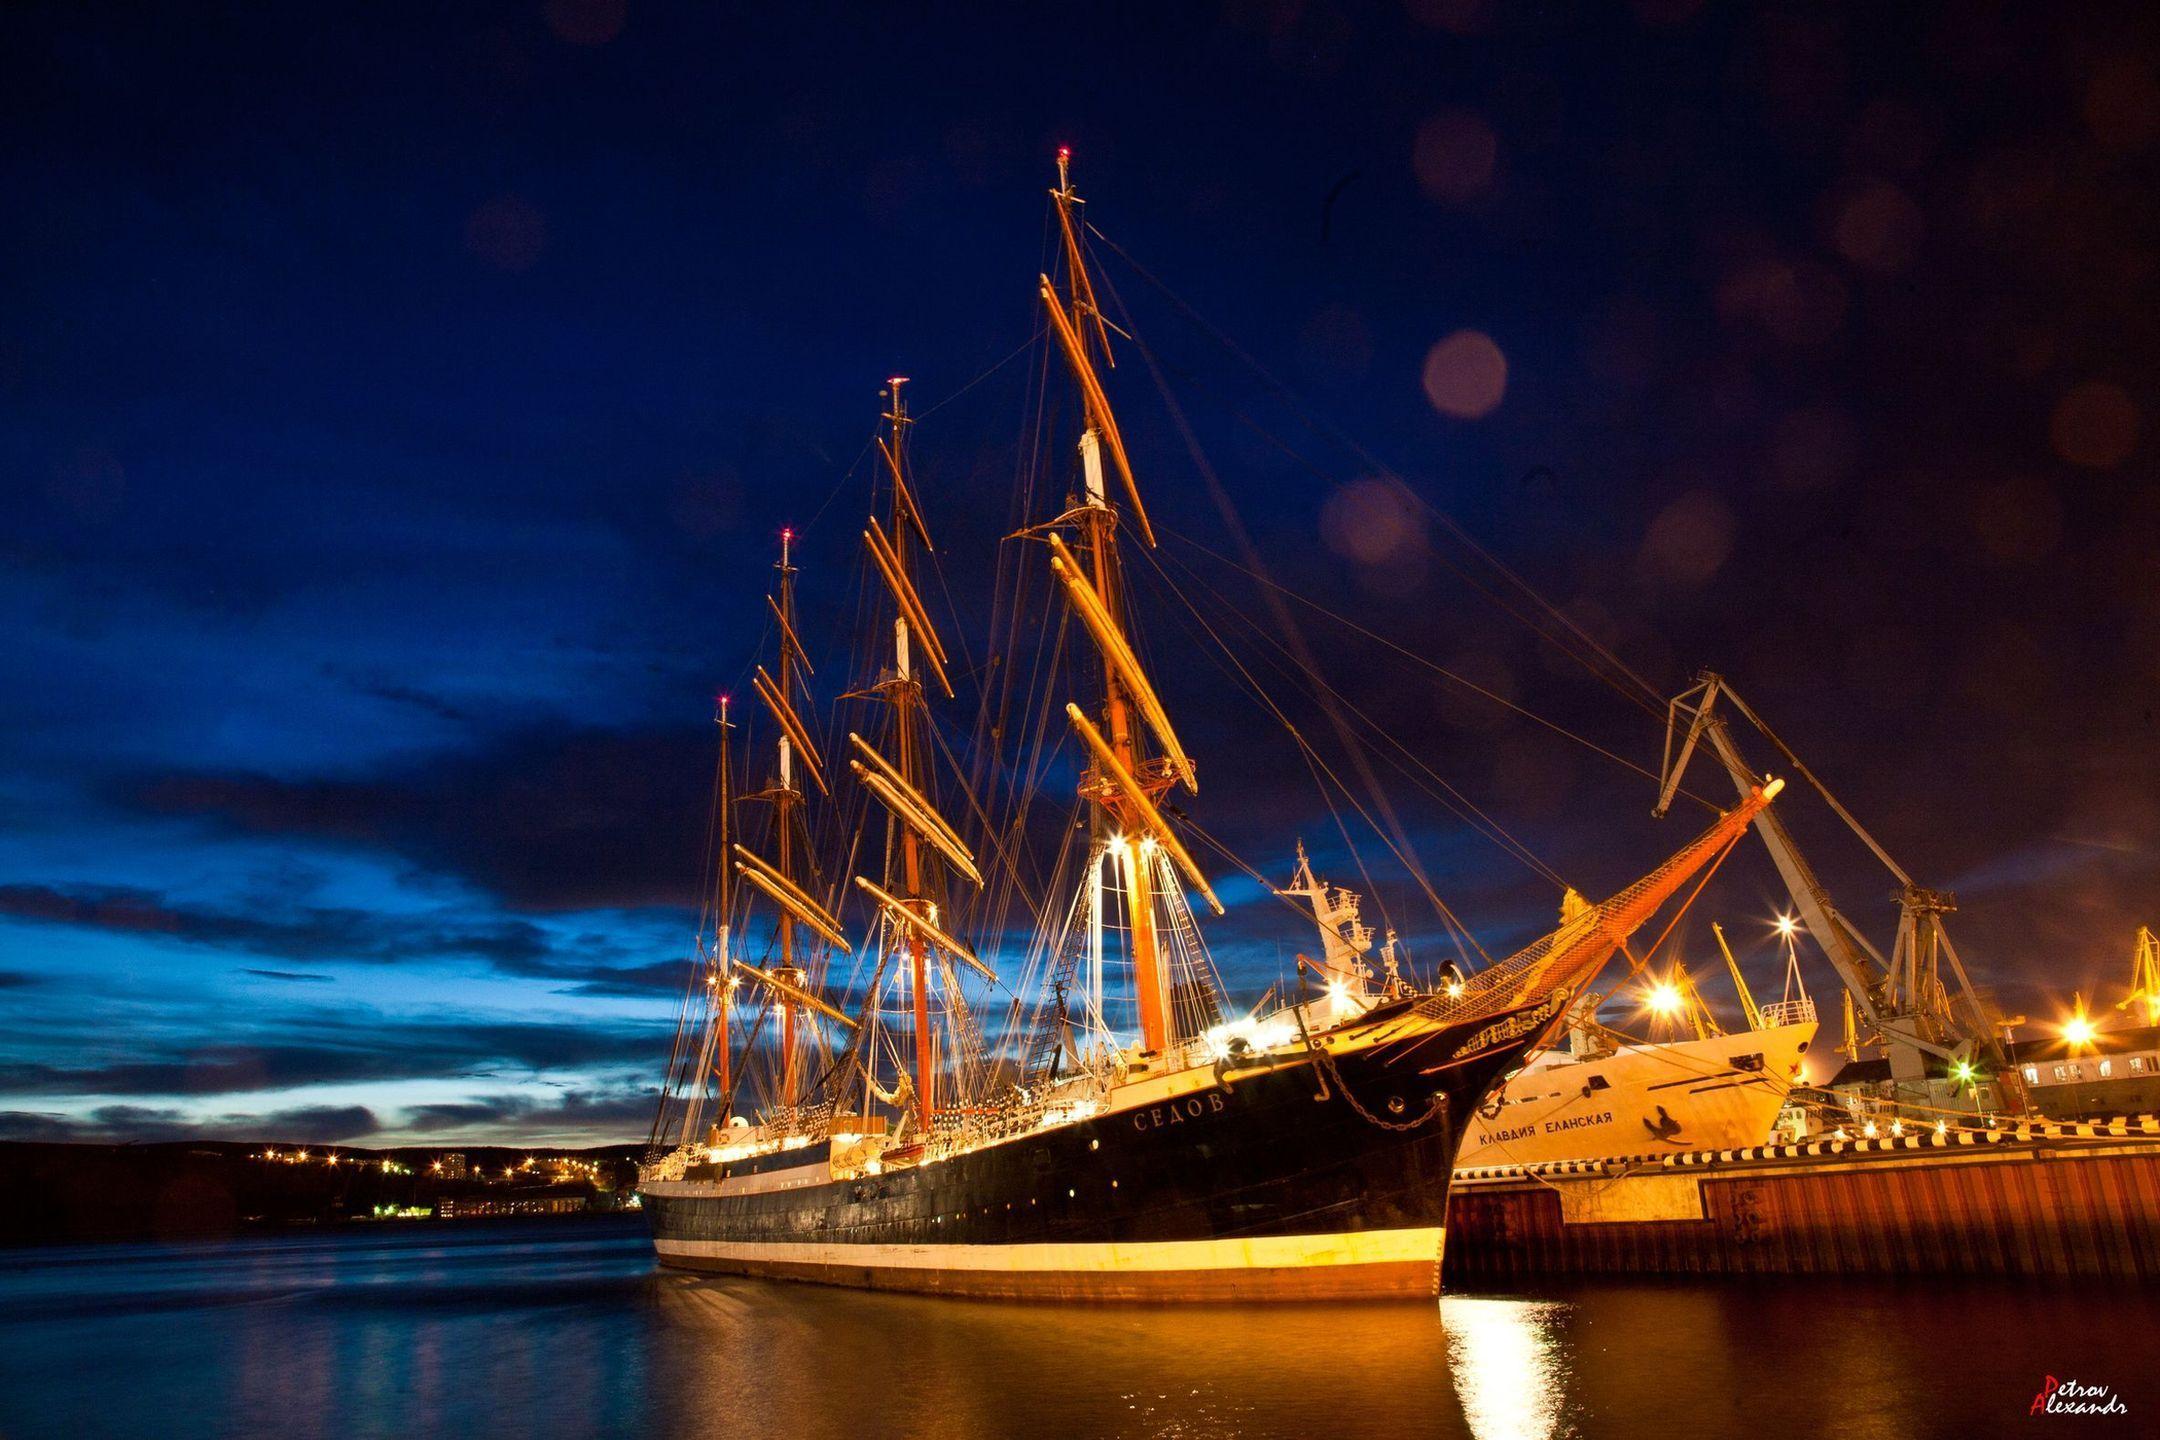 Санкт-Петербург корабль закат  № 3945028 бесплатно